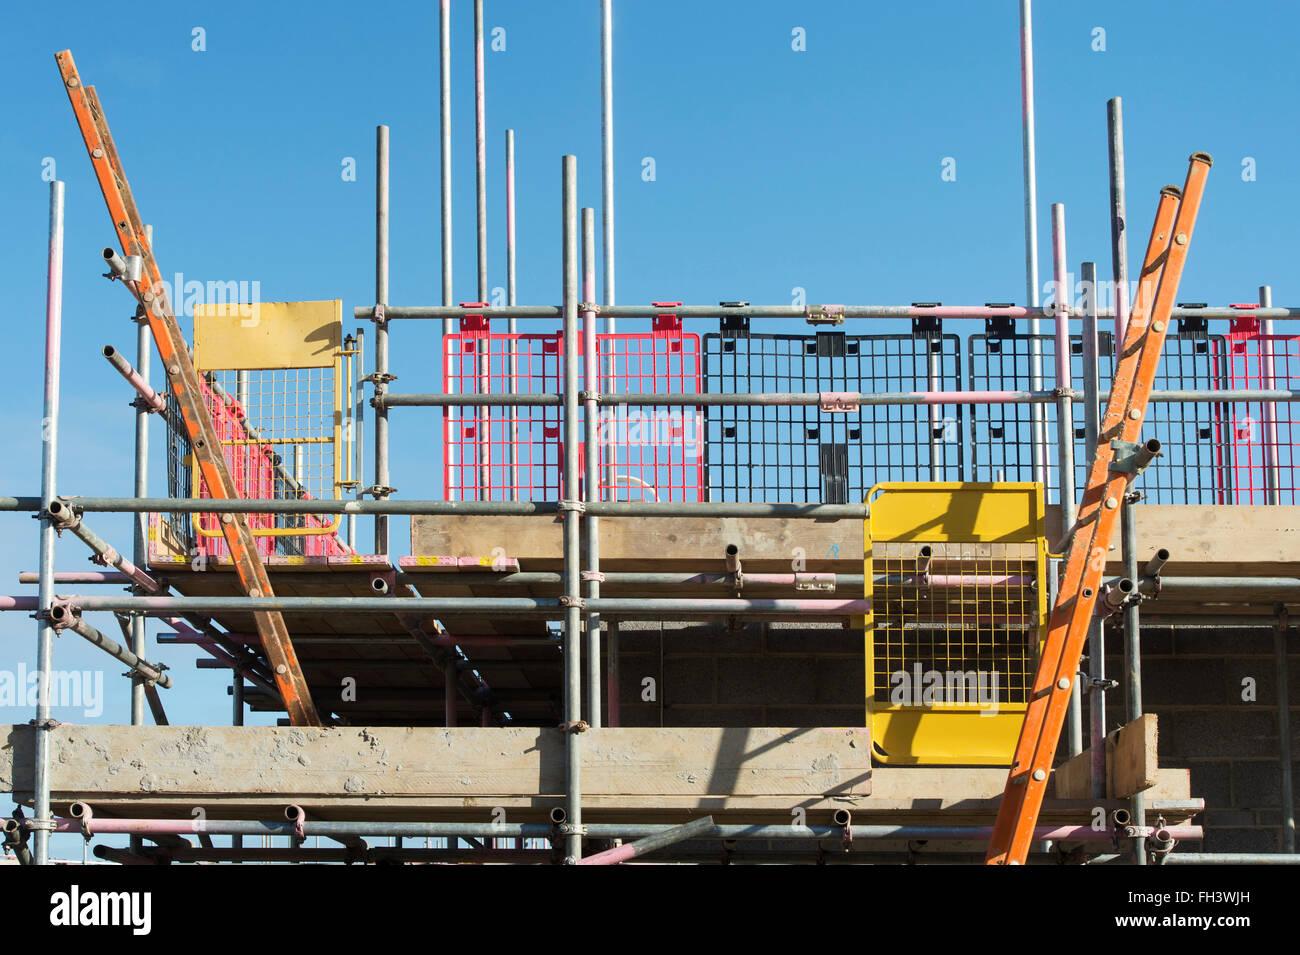 Linden Homes Haus Baugerüste und Leitern. Hawkswood, Bicester, Oxfordshire, England Stockbild